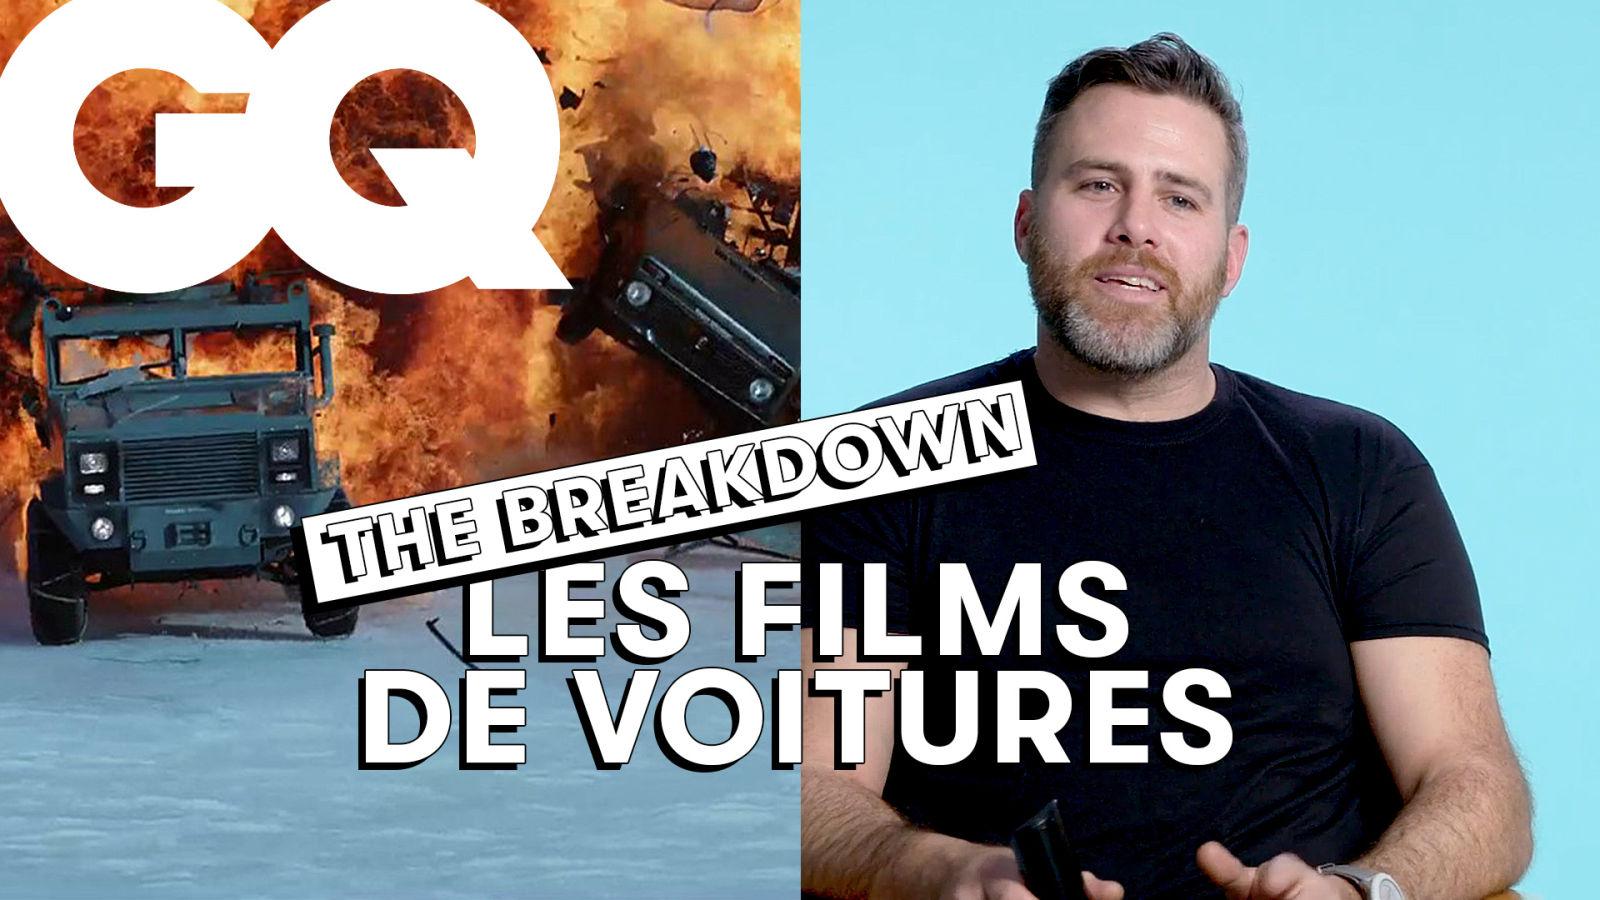 Un expert décrypte les voitures du cinéma : Fast and Furious, Transformers, 60 secondes chrono